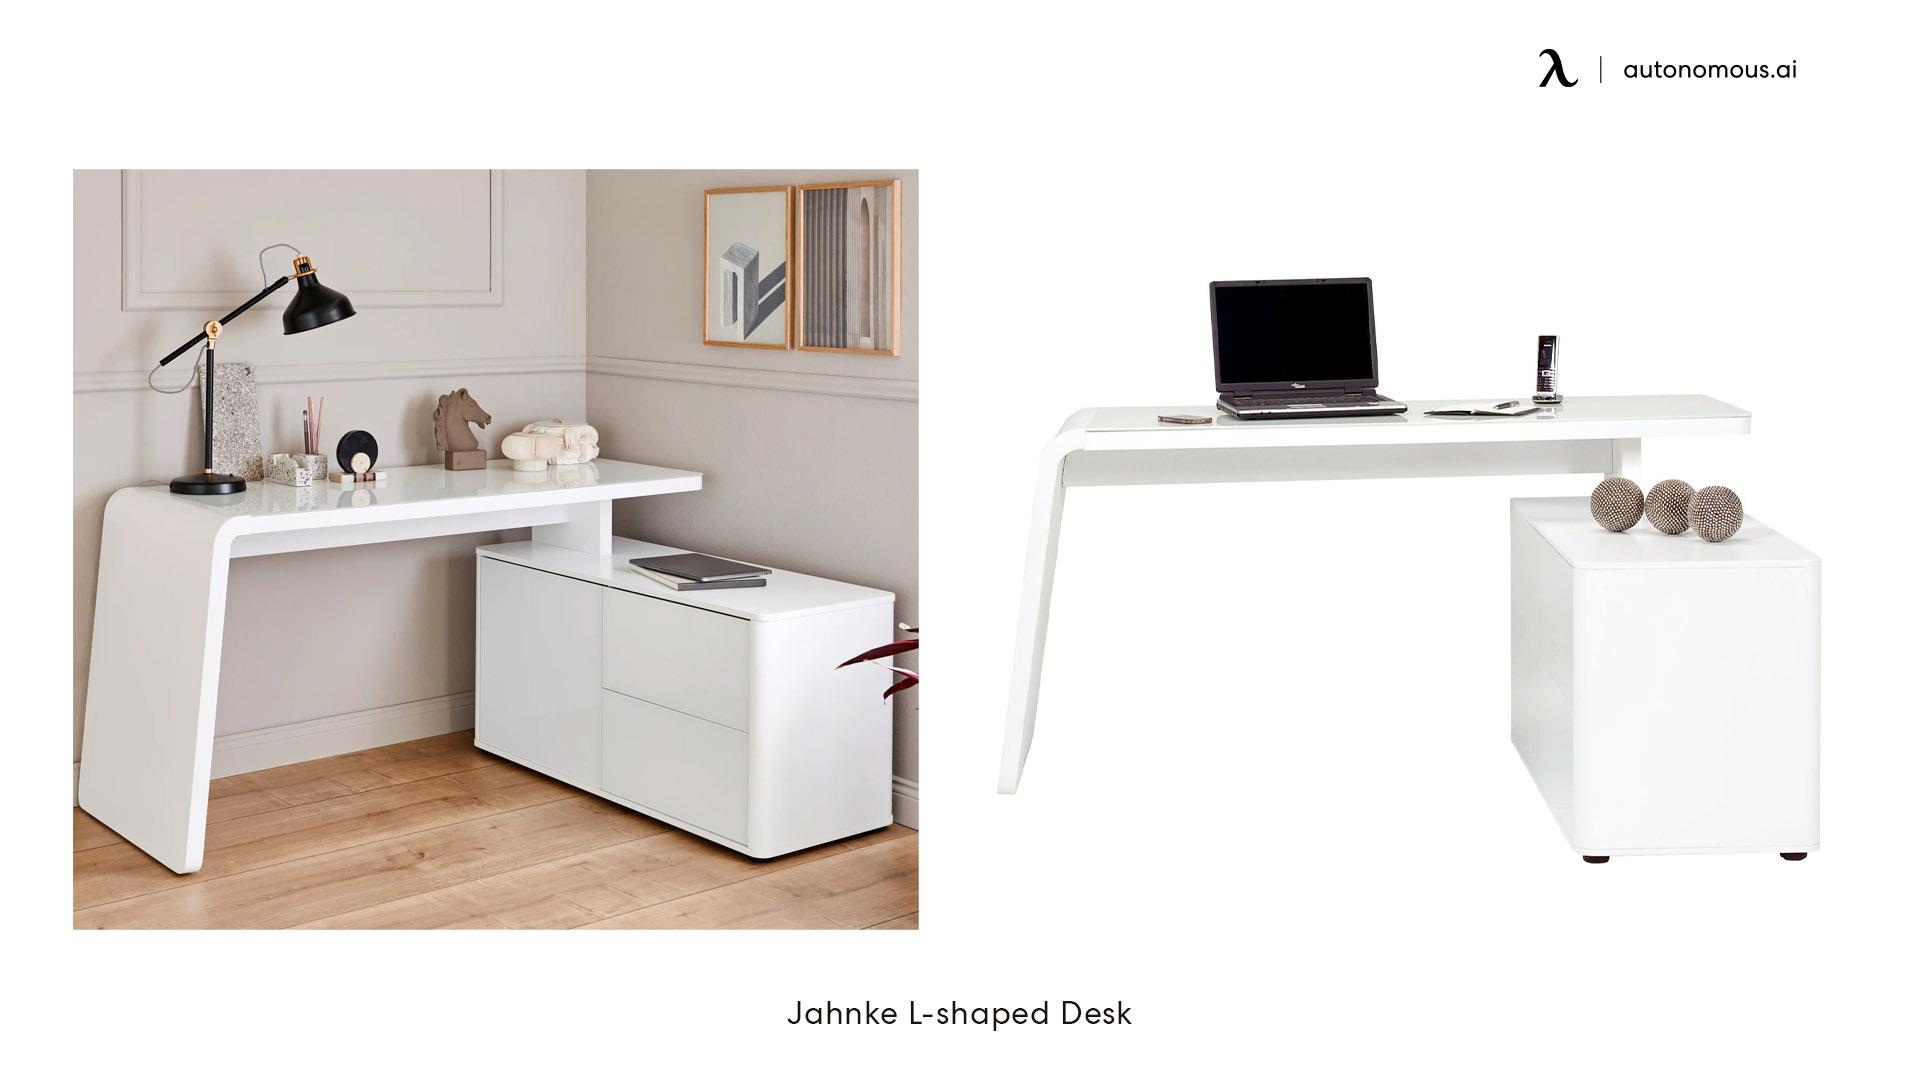 Jahnke L-shaped Desk